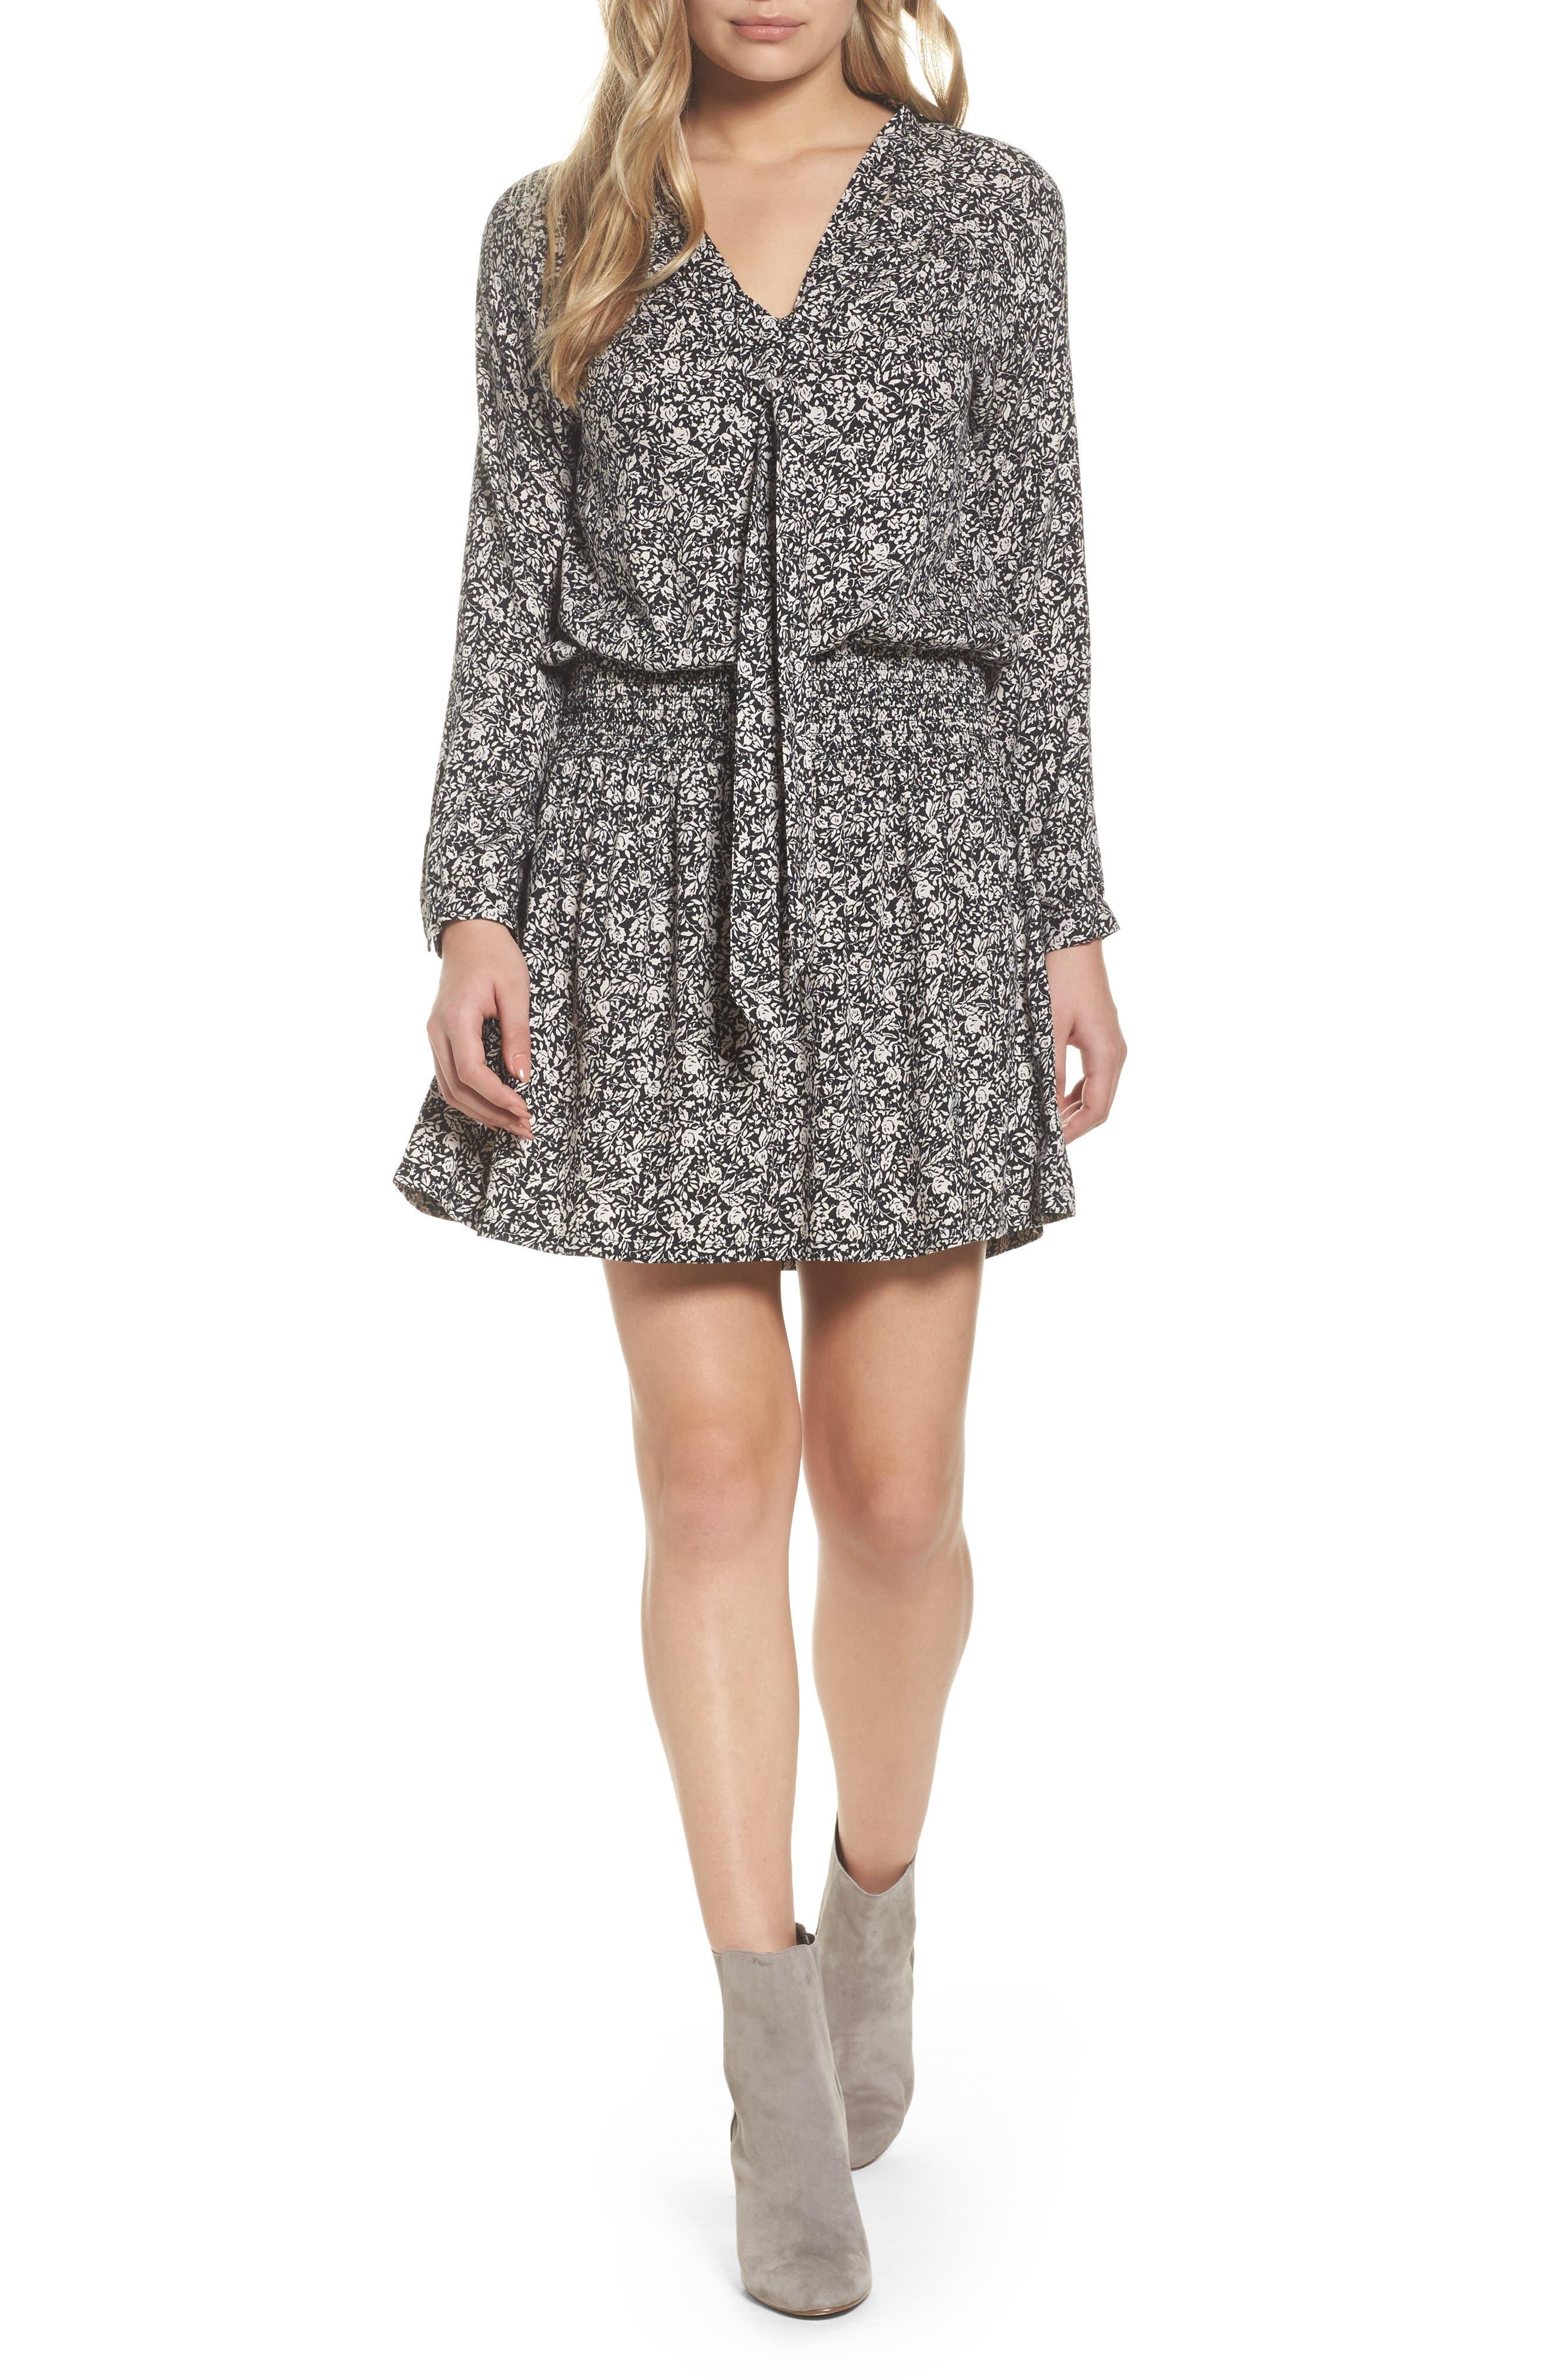 Ivy Blouson Dress,                             Main thumbnail 1, color,                             Blk